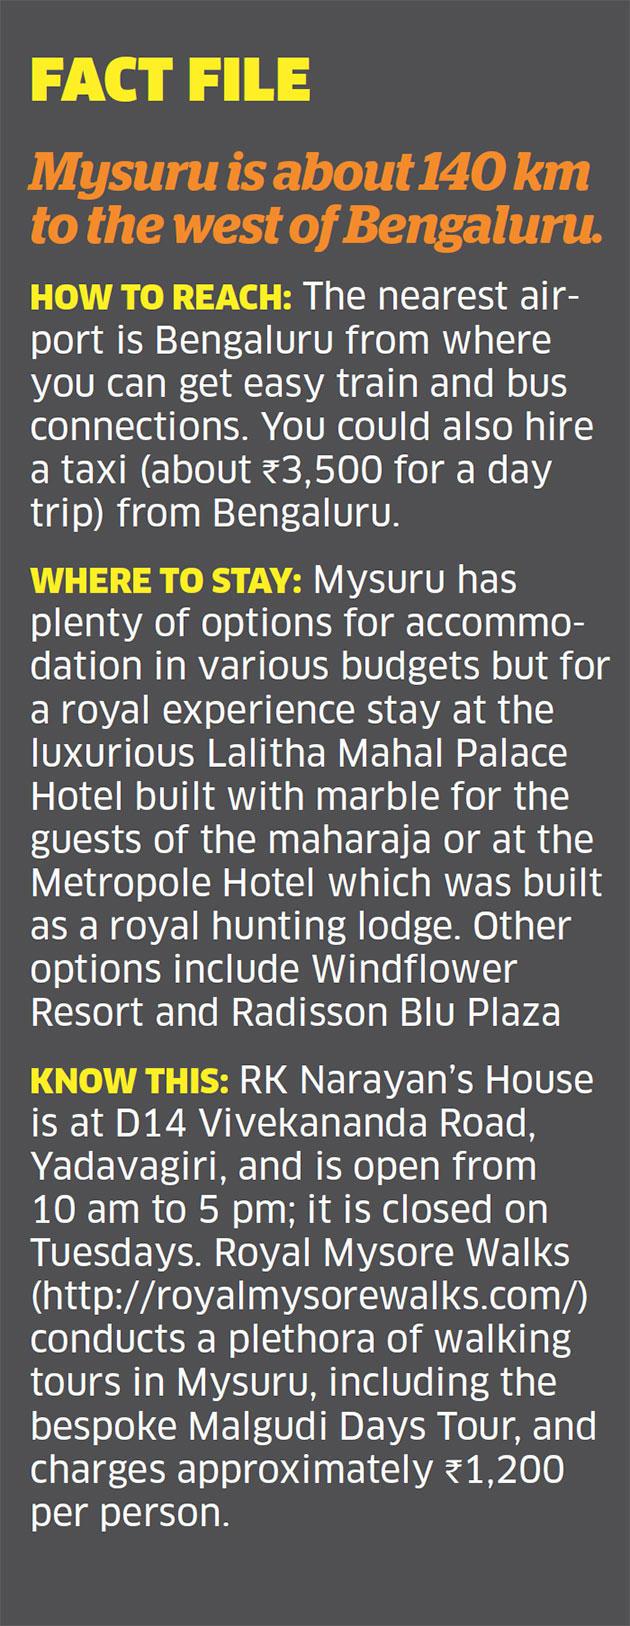 Down memory lane: Walking through RK Narayan's inspiration for 'Malgudi Days'